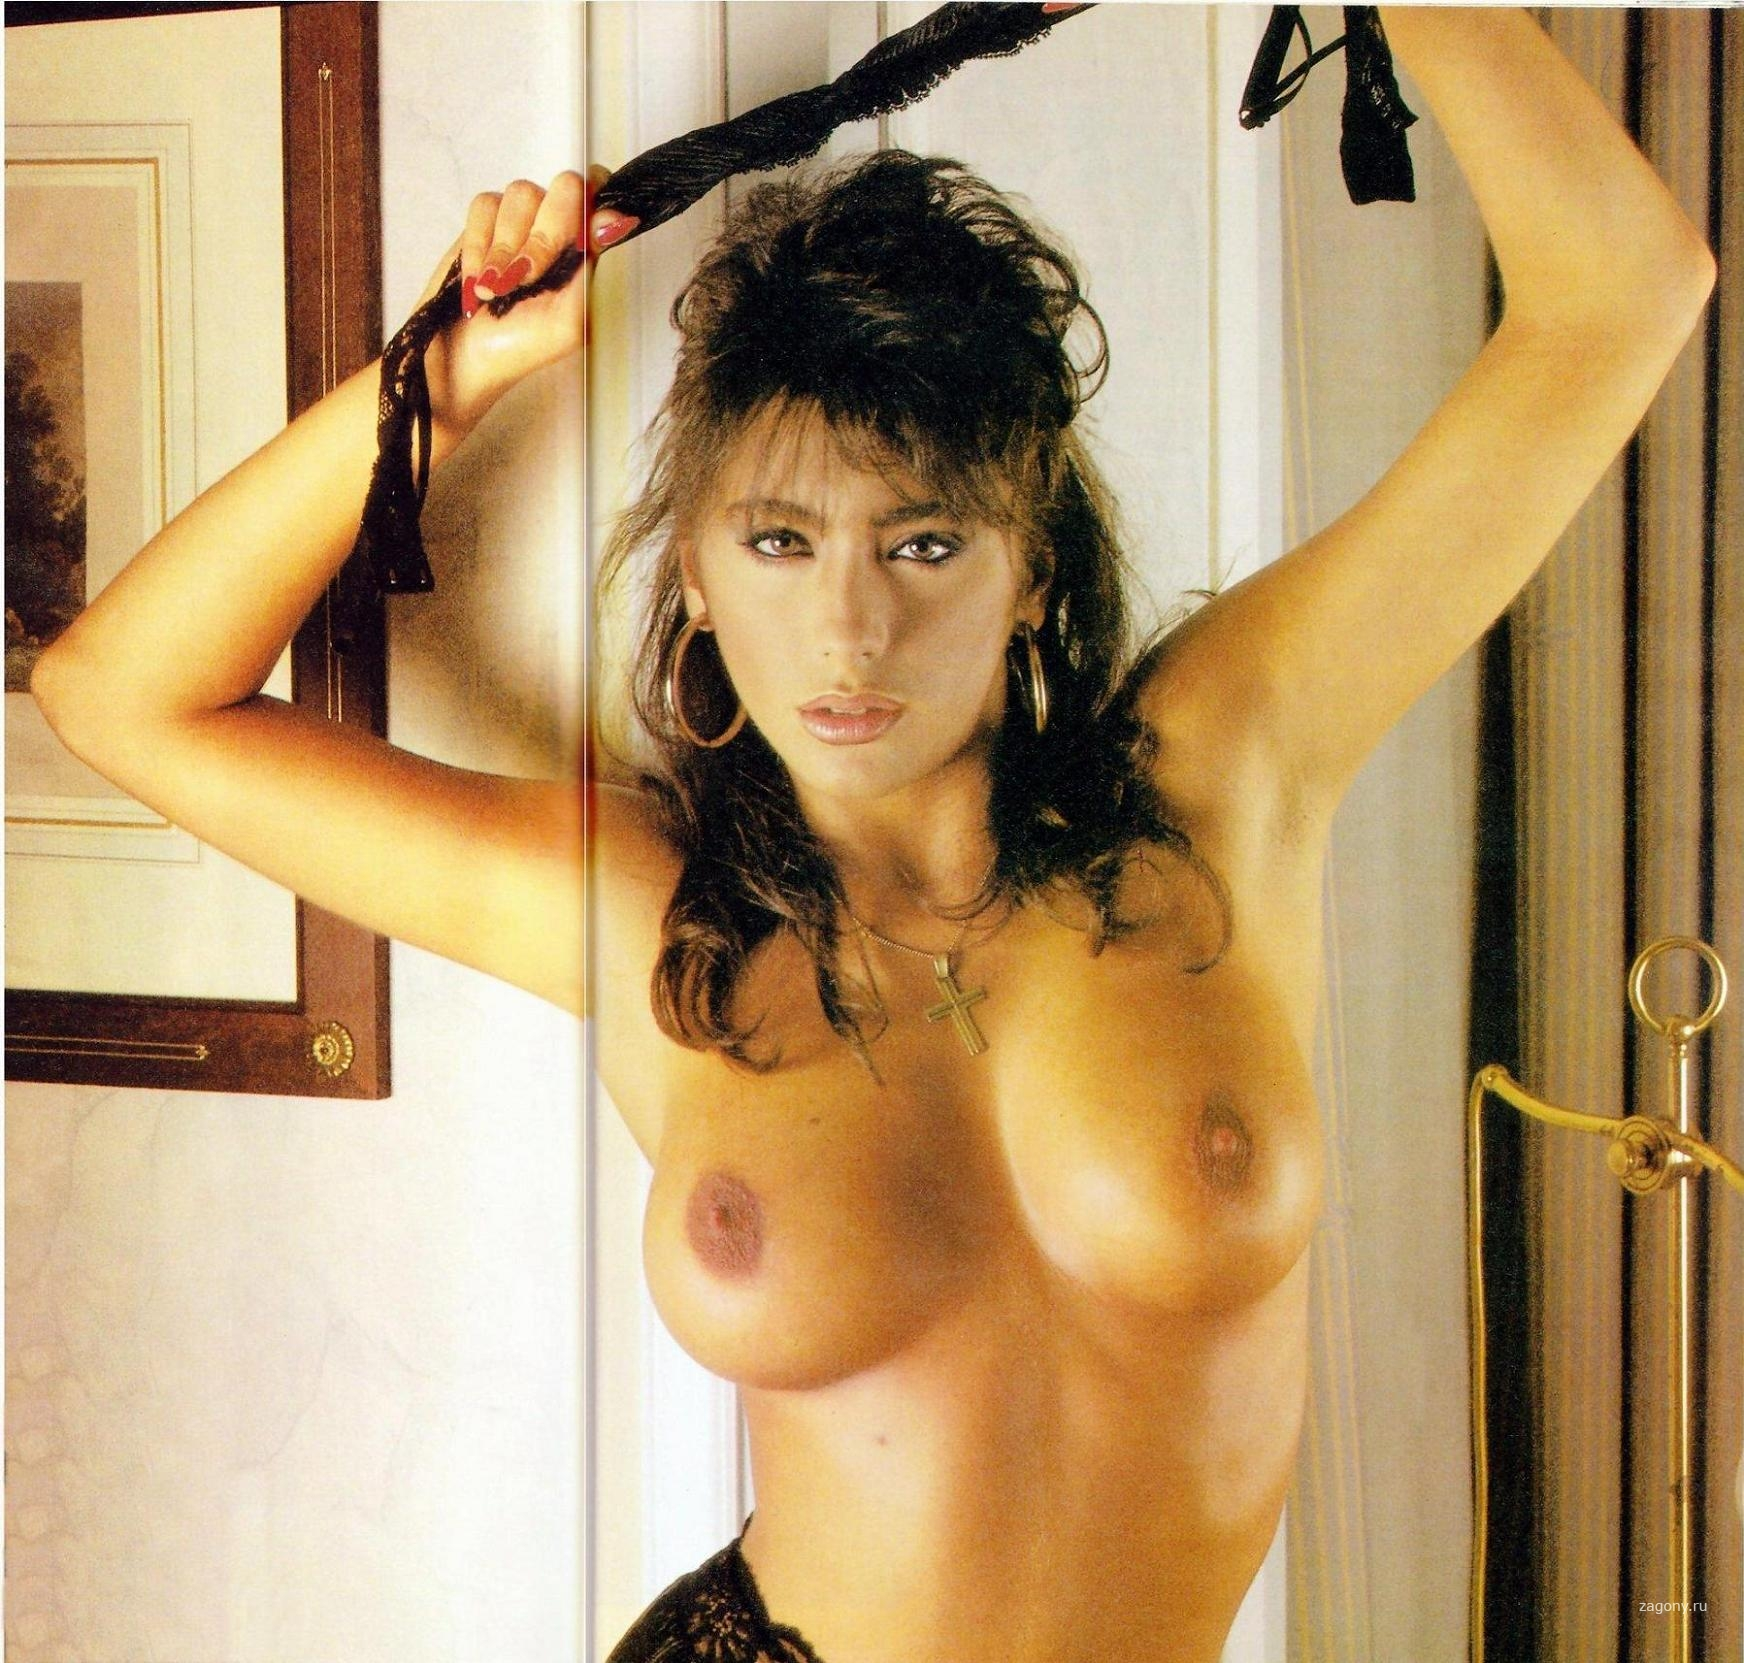 Сабрина салерно в порно 30 фотография